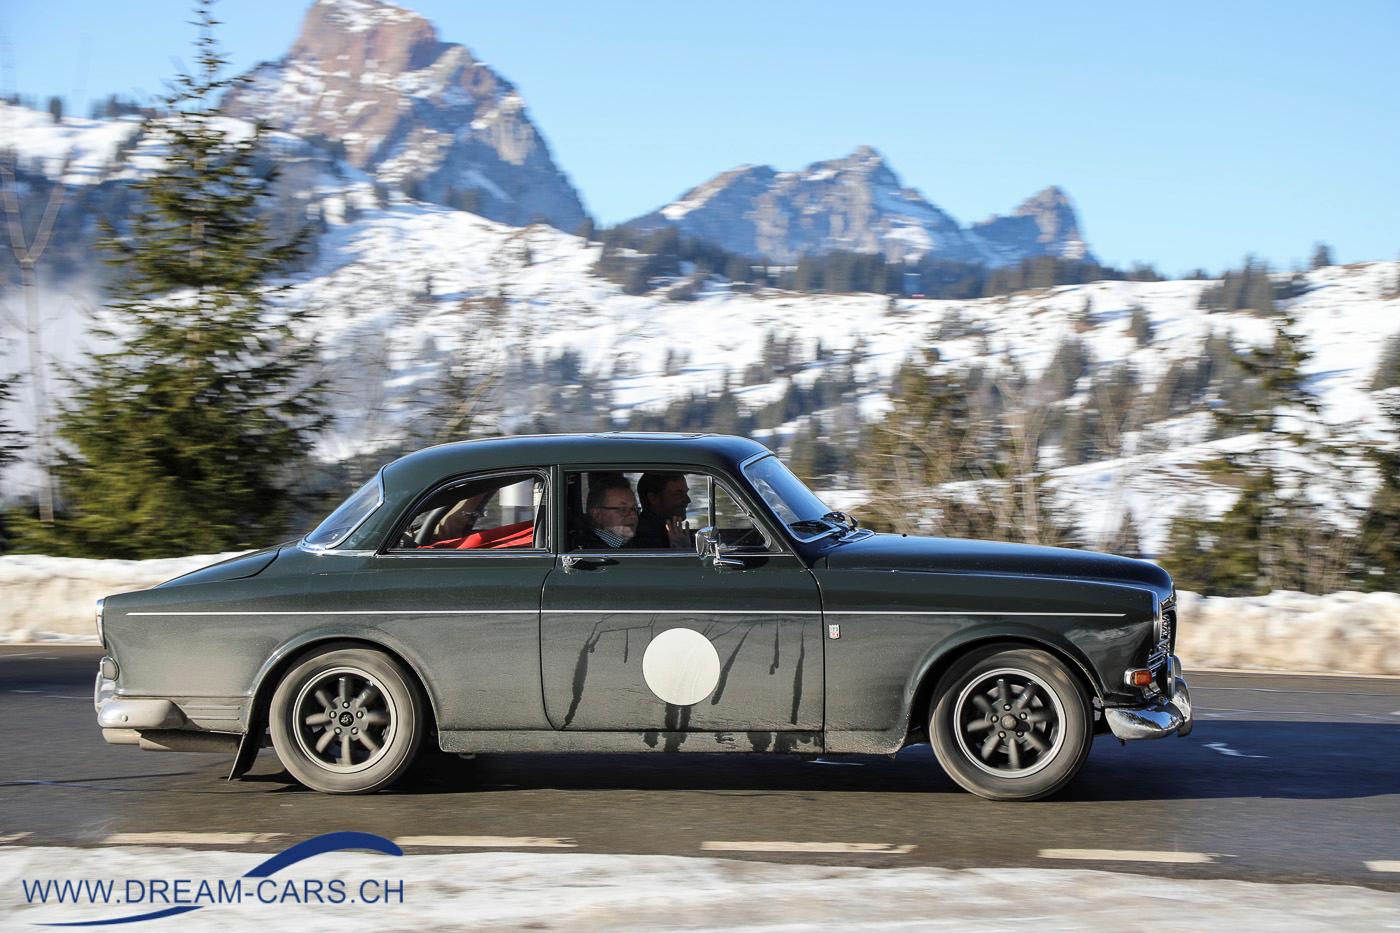 Volvo 123 GT am Winterrallye 'Auf Schnee und Eis', 11. Januar 2020